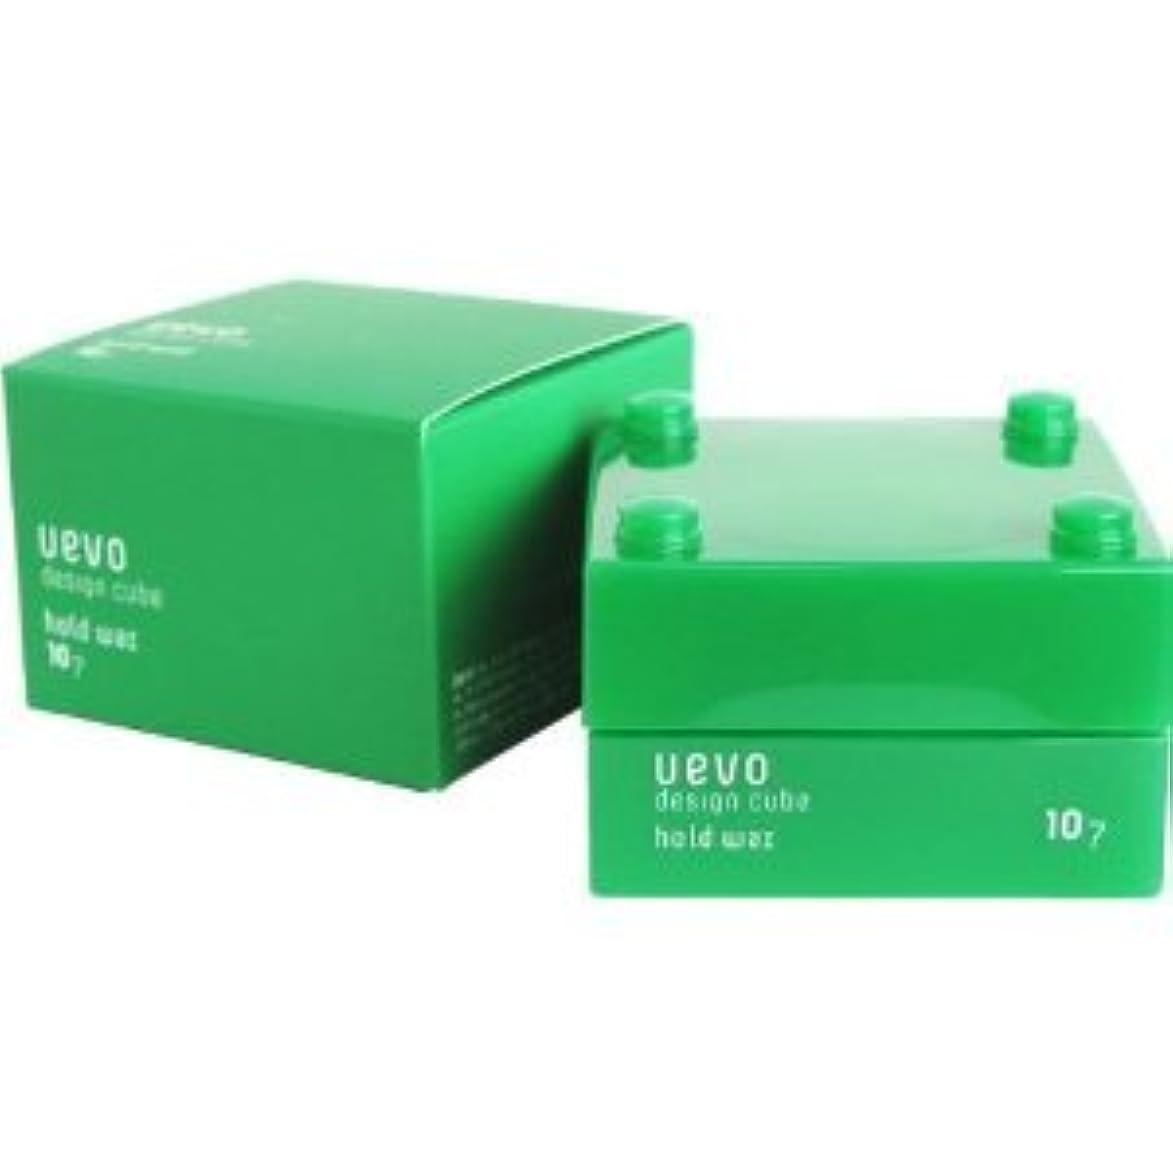 つかの間マウント餌【X3個セット】 デミ ウェーボ デザインキューブ ホールドワックス 30g hold wax DEMI uevo design cube